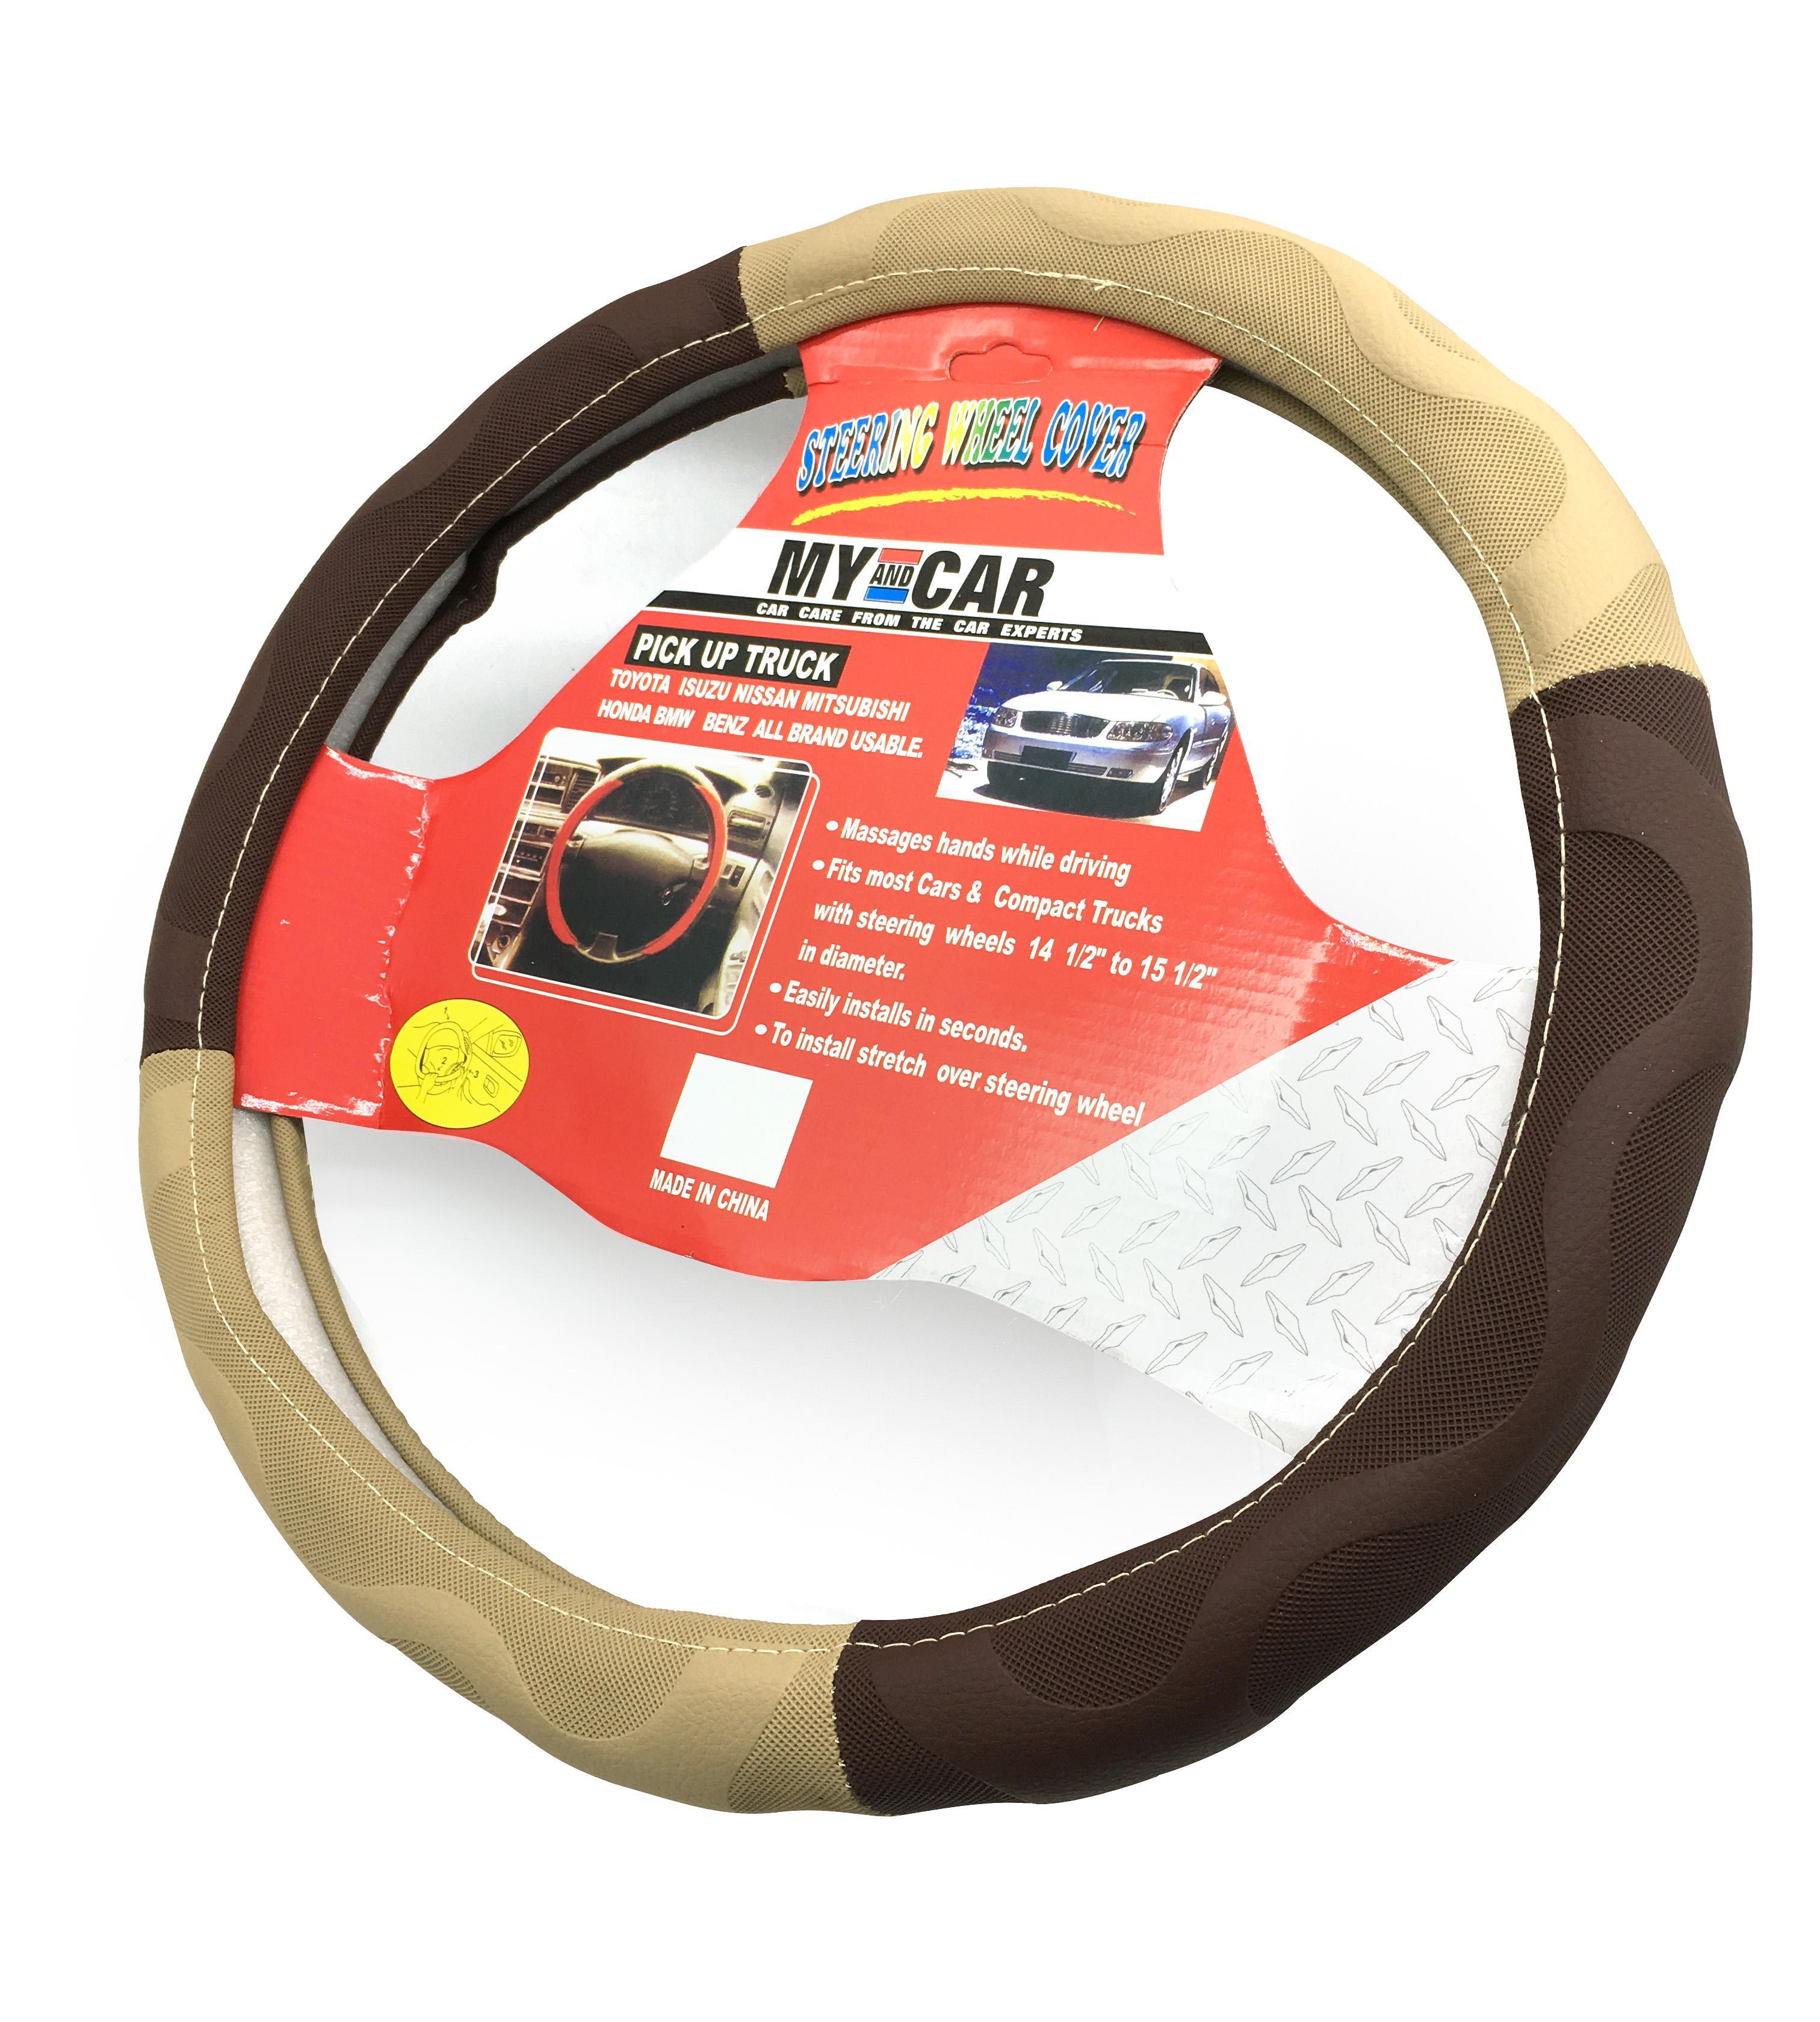 Vỏ bọc vô lăng 2 màu, vỏ bao bánh lái, cần lái xe hơi, xe ôtô, nhiều kích cỡ phù hợp đường kính bánh lái từ 36 đến 40 cm phù hợp hầu hết xe 4-5-7 chỗ và xe tải_BVL02 8